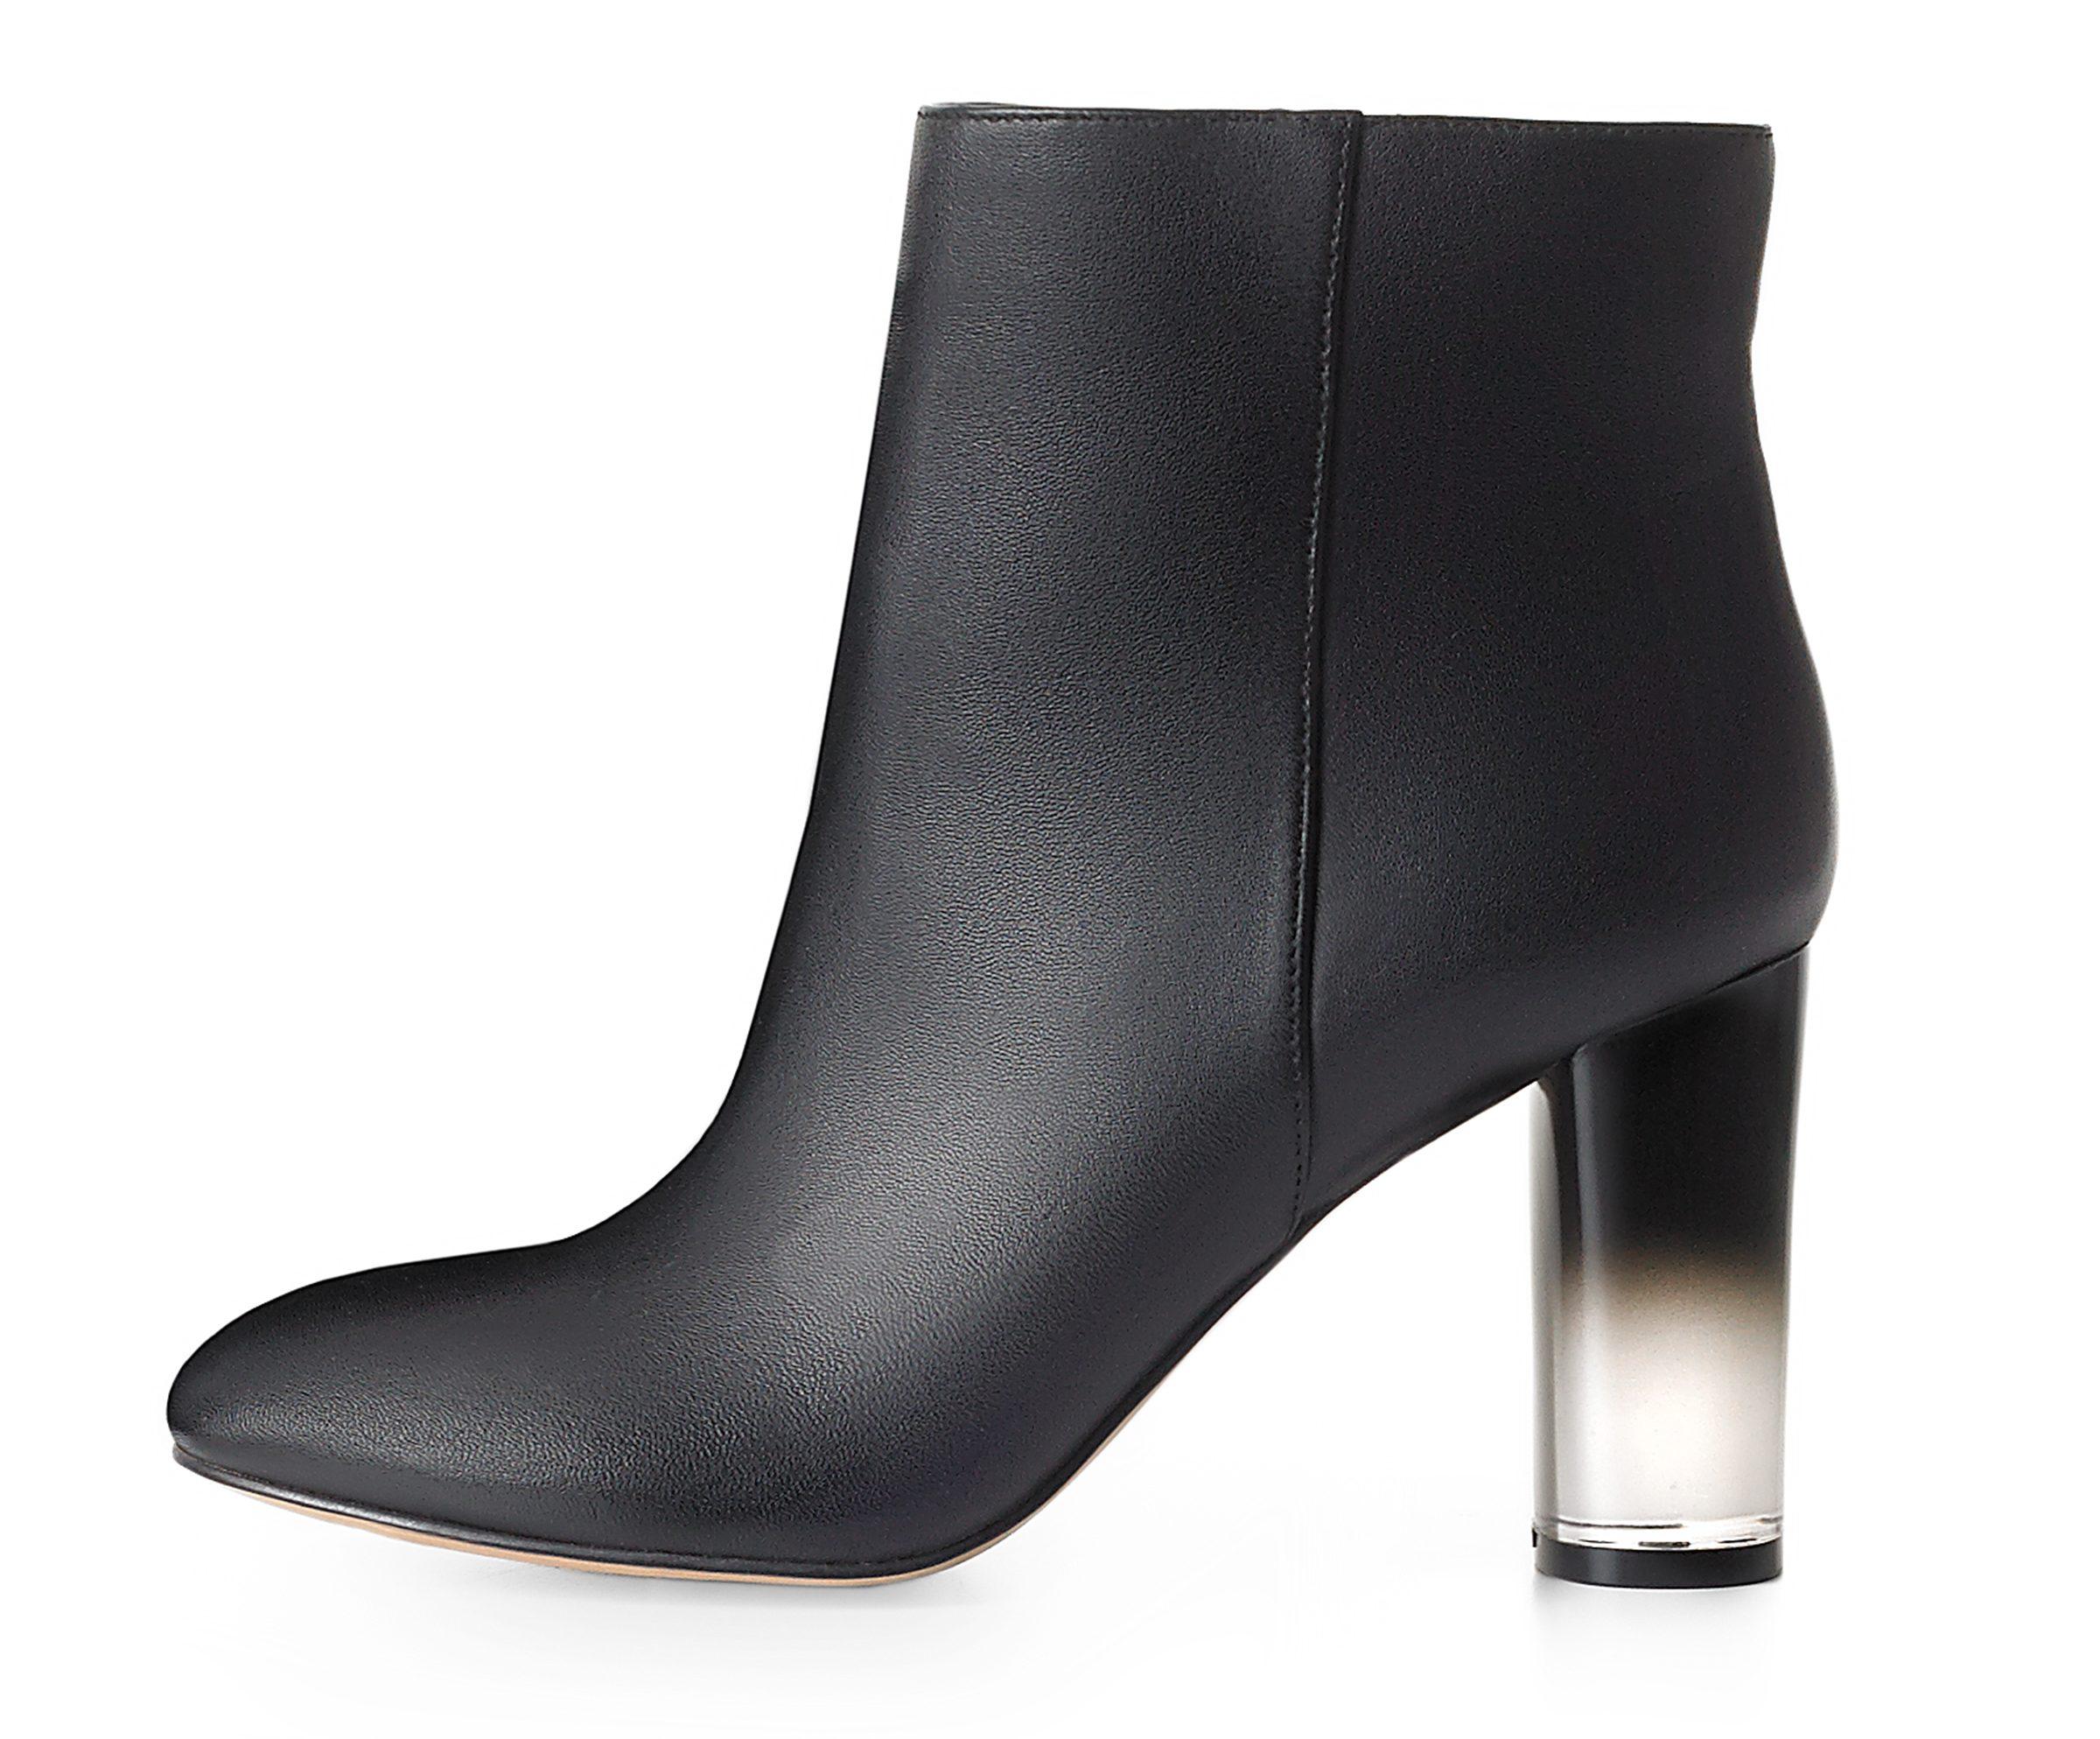 El tacón degradado de negro a transparente o completamente transparente es una de las grandes novedades en el calzado otoño e invierno 2016.